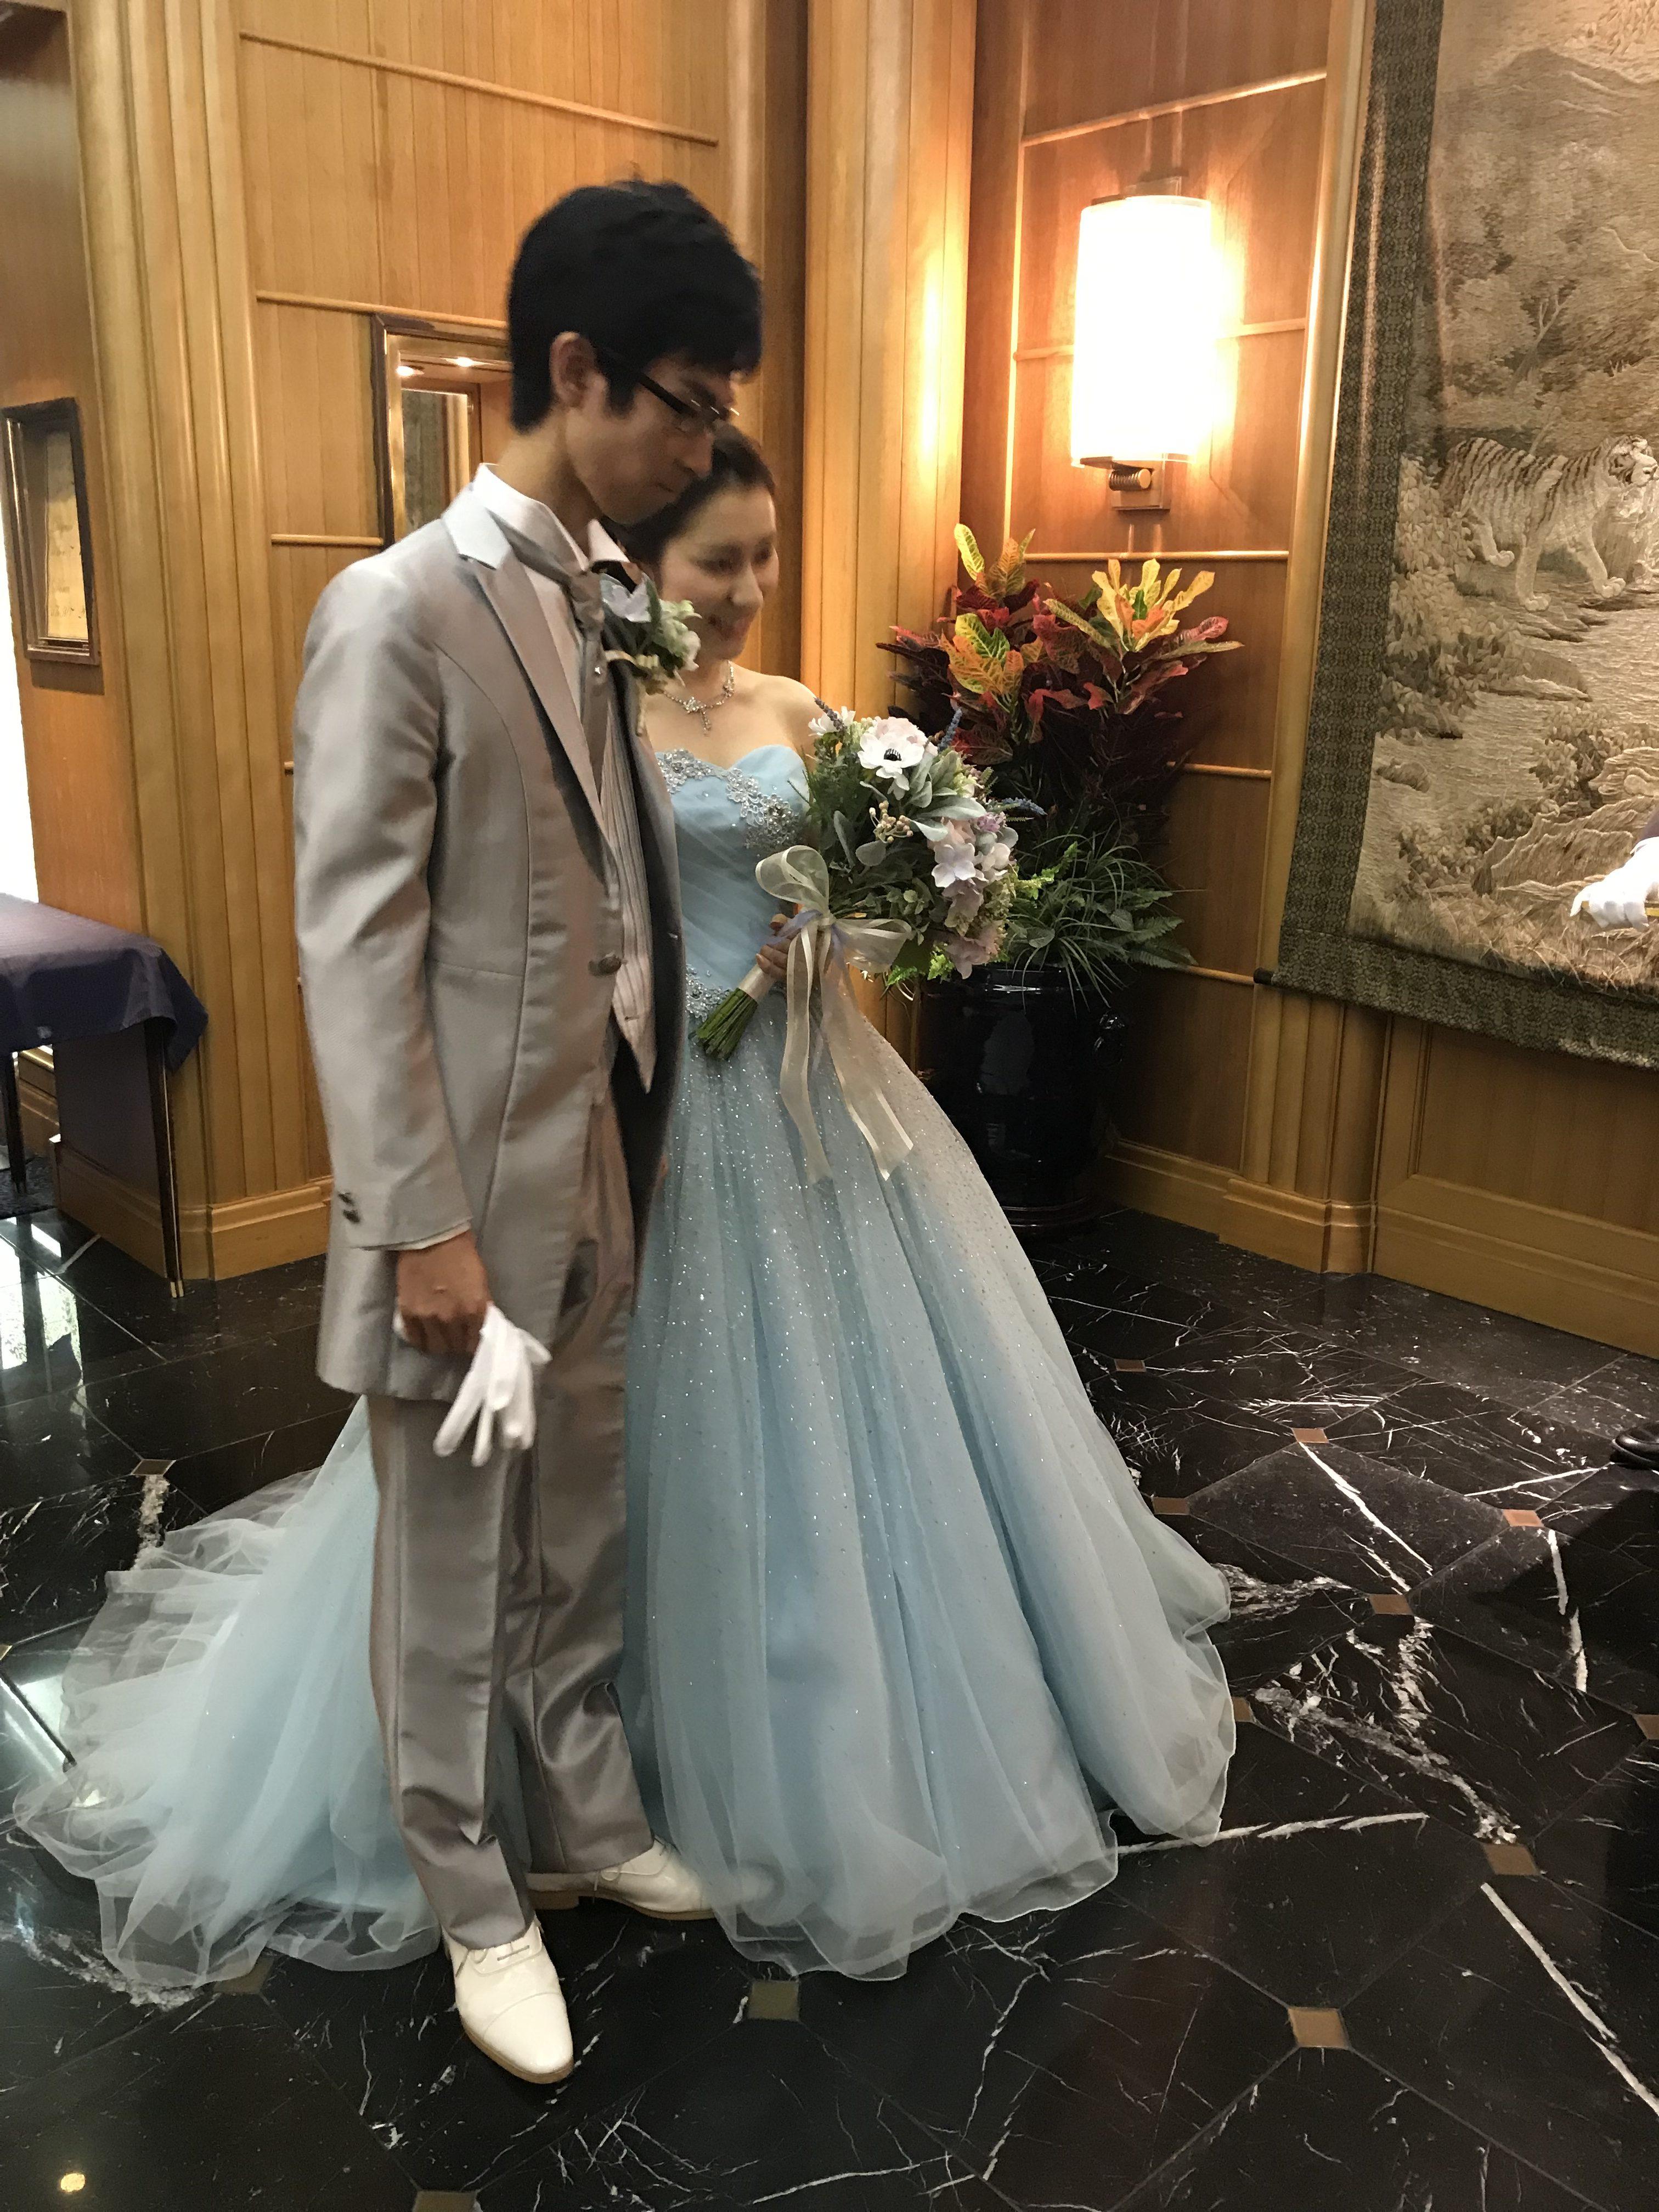 フォトウエディングだけではなく結婚式も♪|横浜 元町 ウエディングサロン